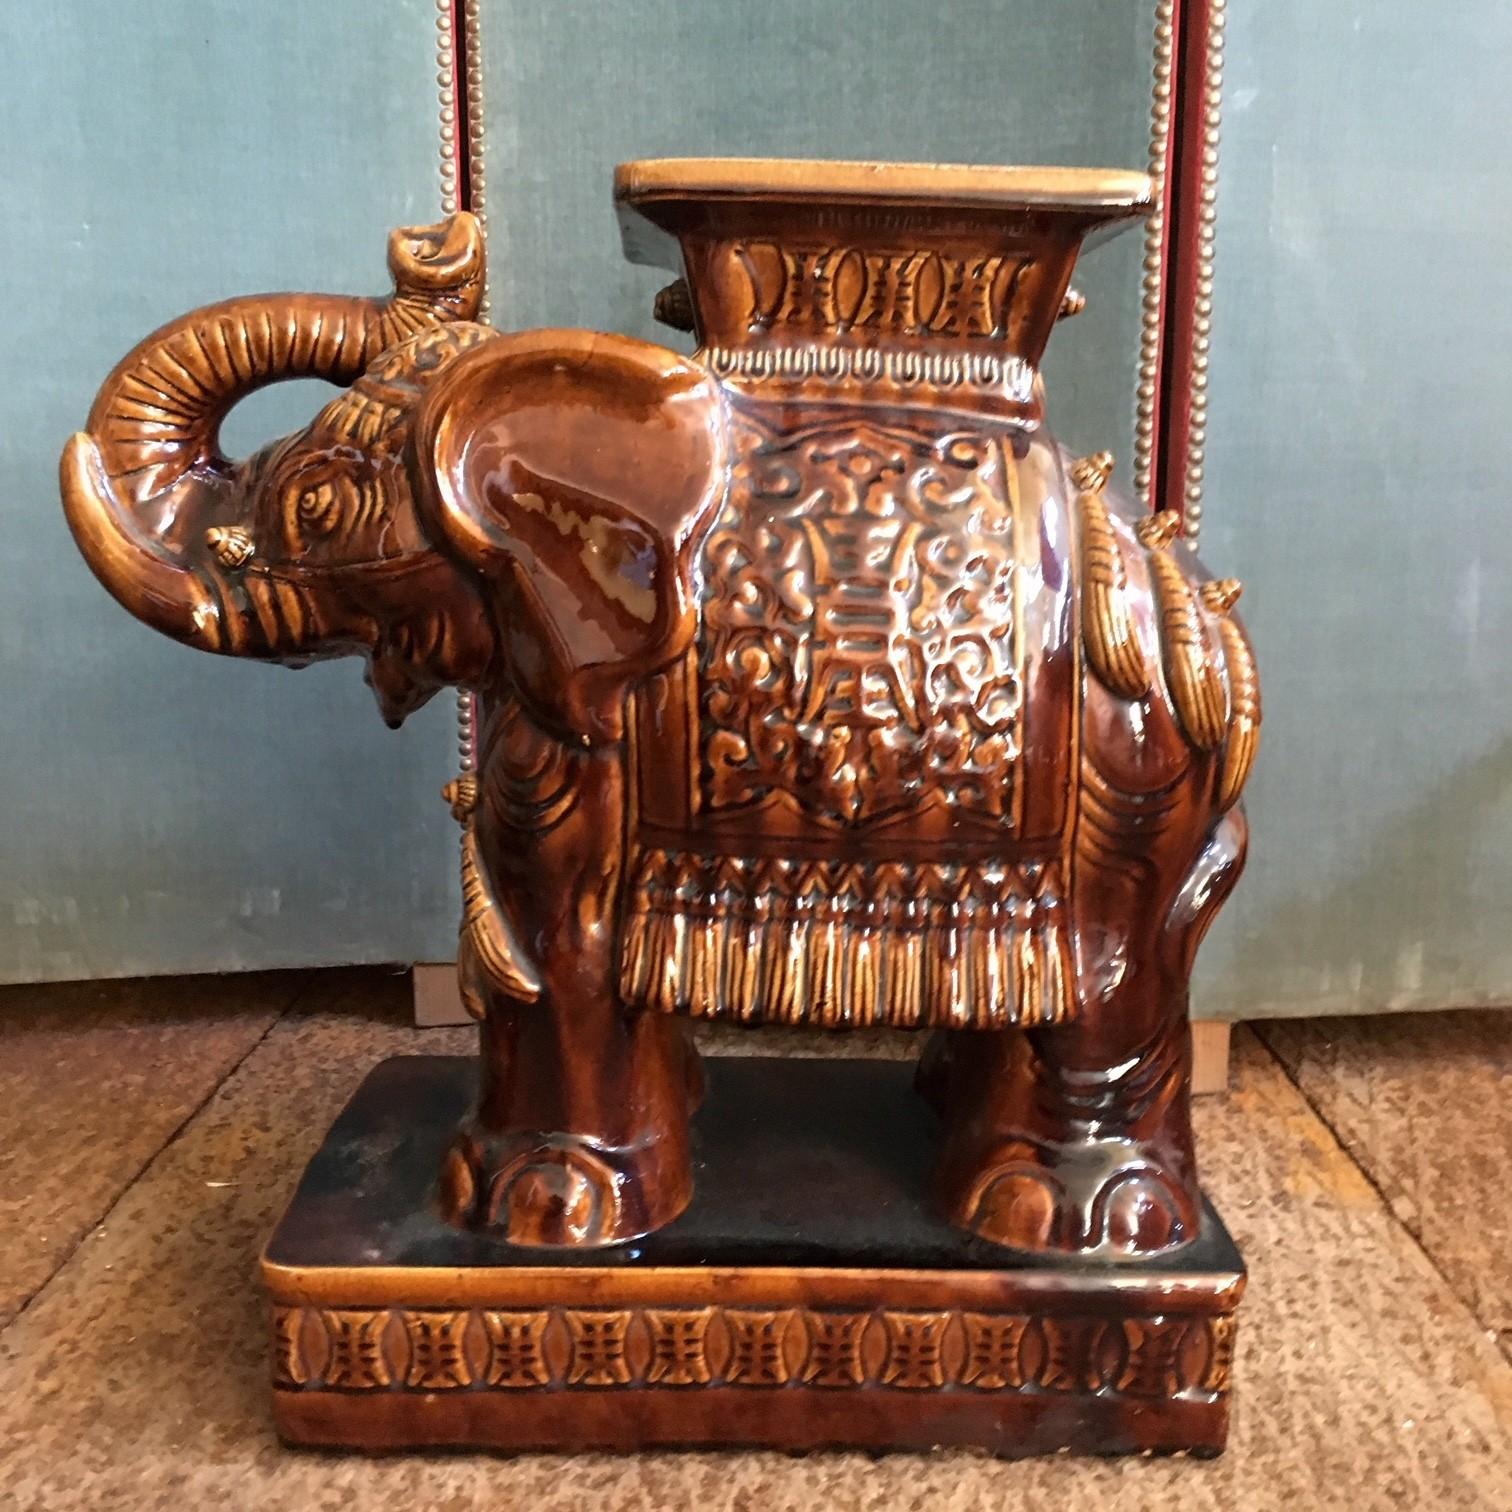 Vintage keramiek krukje in de vorm van een olifant